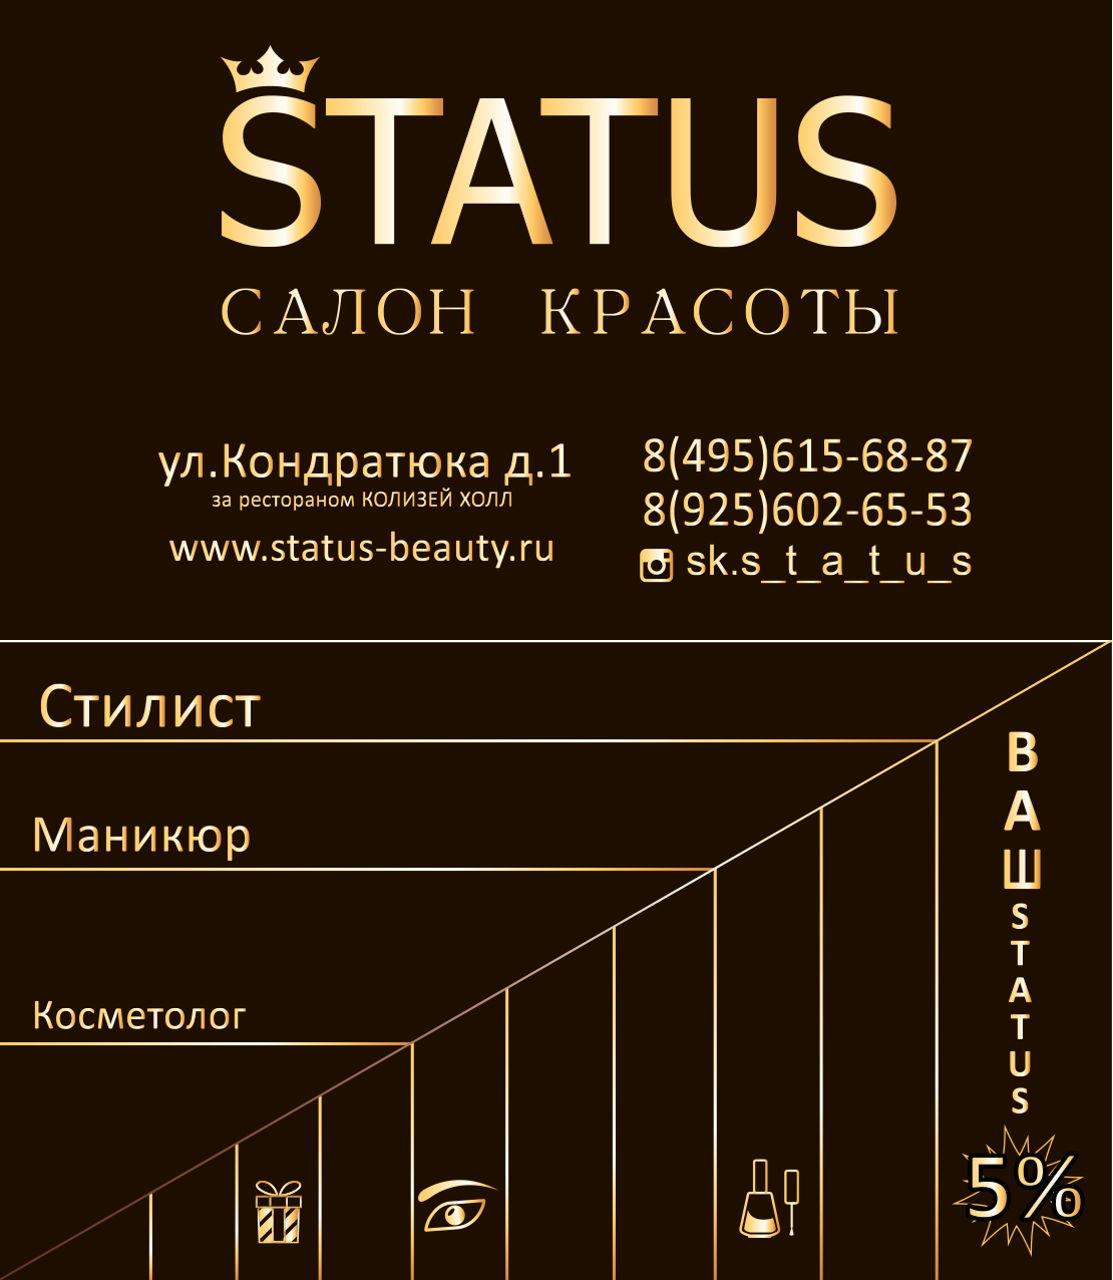 визитка статус